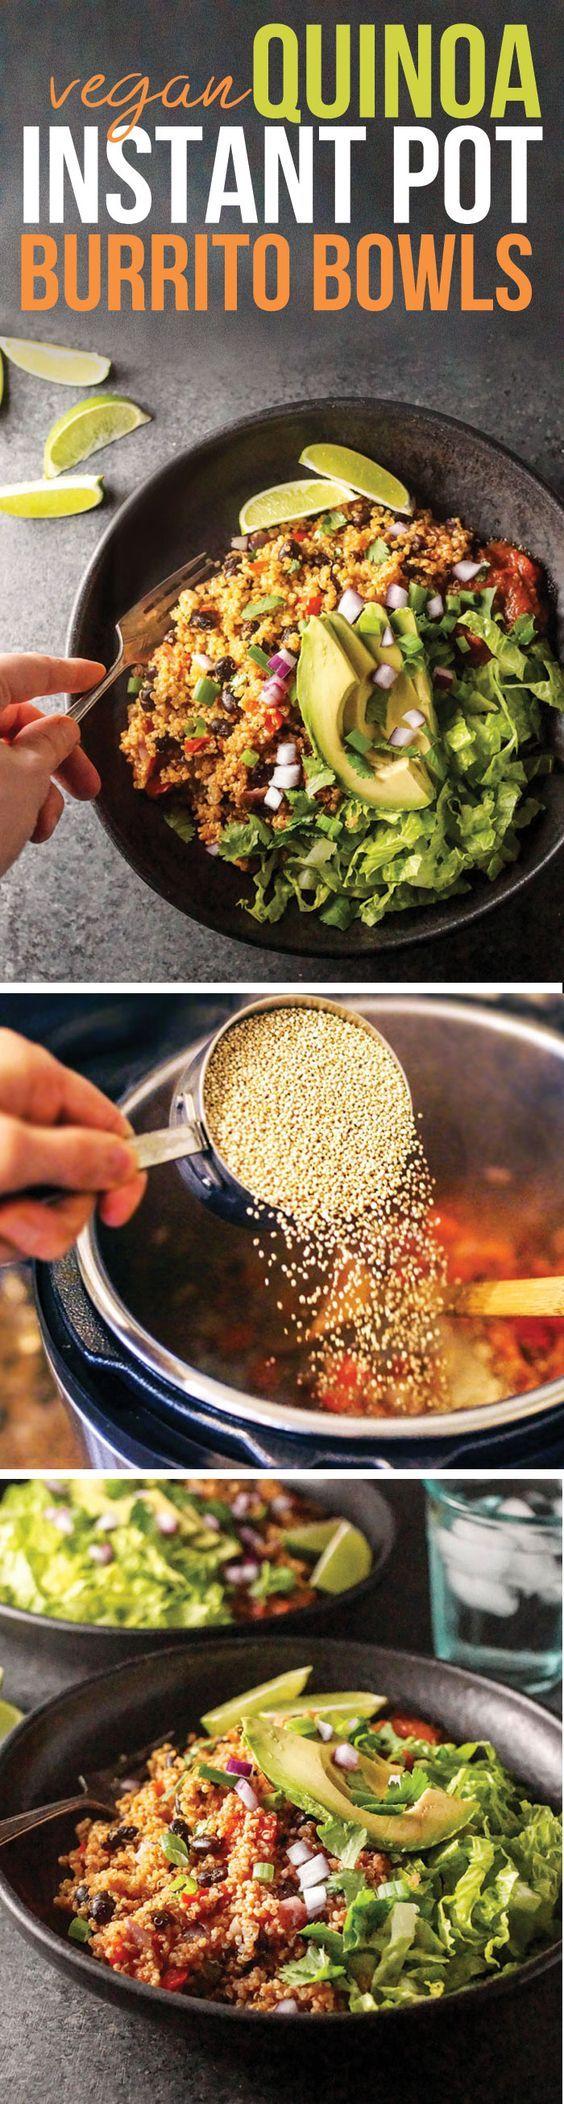 Instant Pot Vegan Quinoa Burrito Bowls